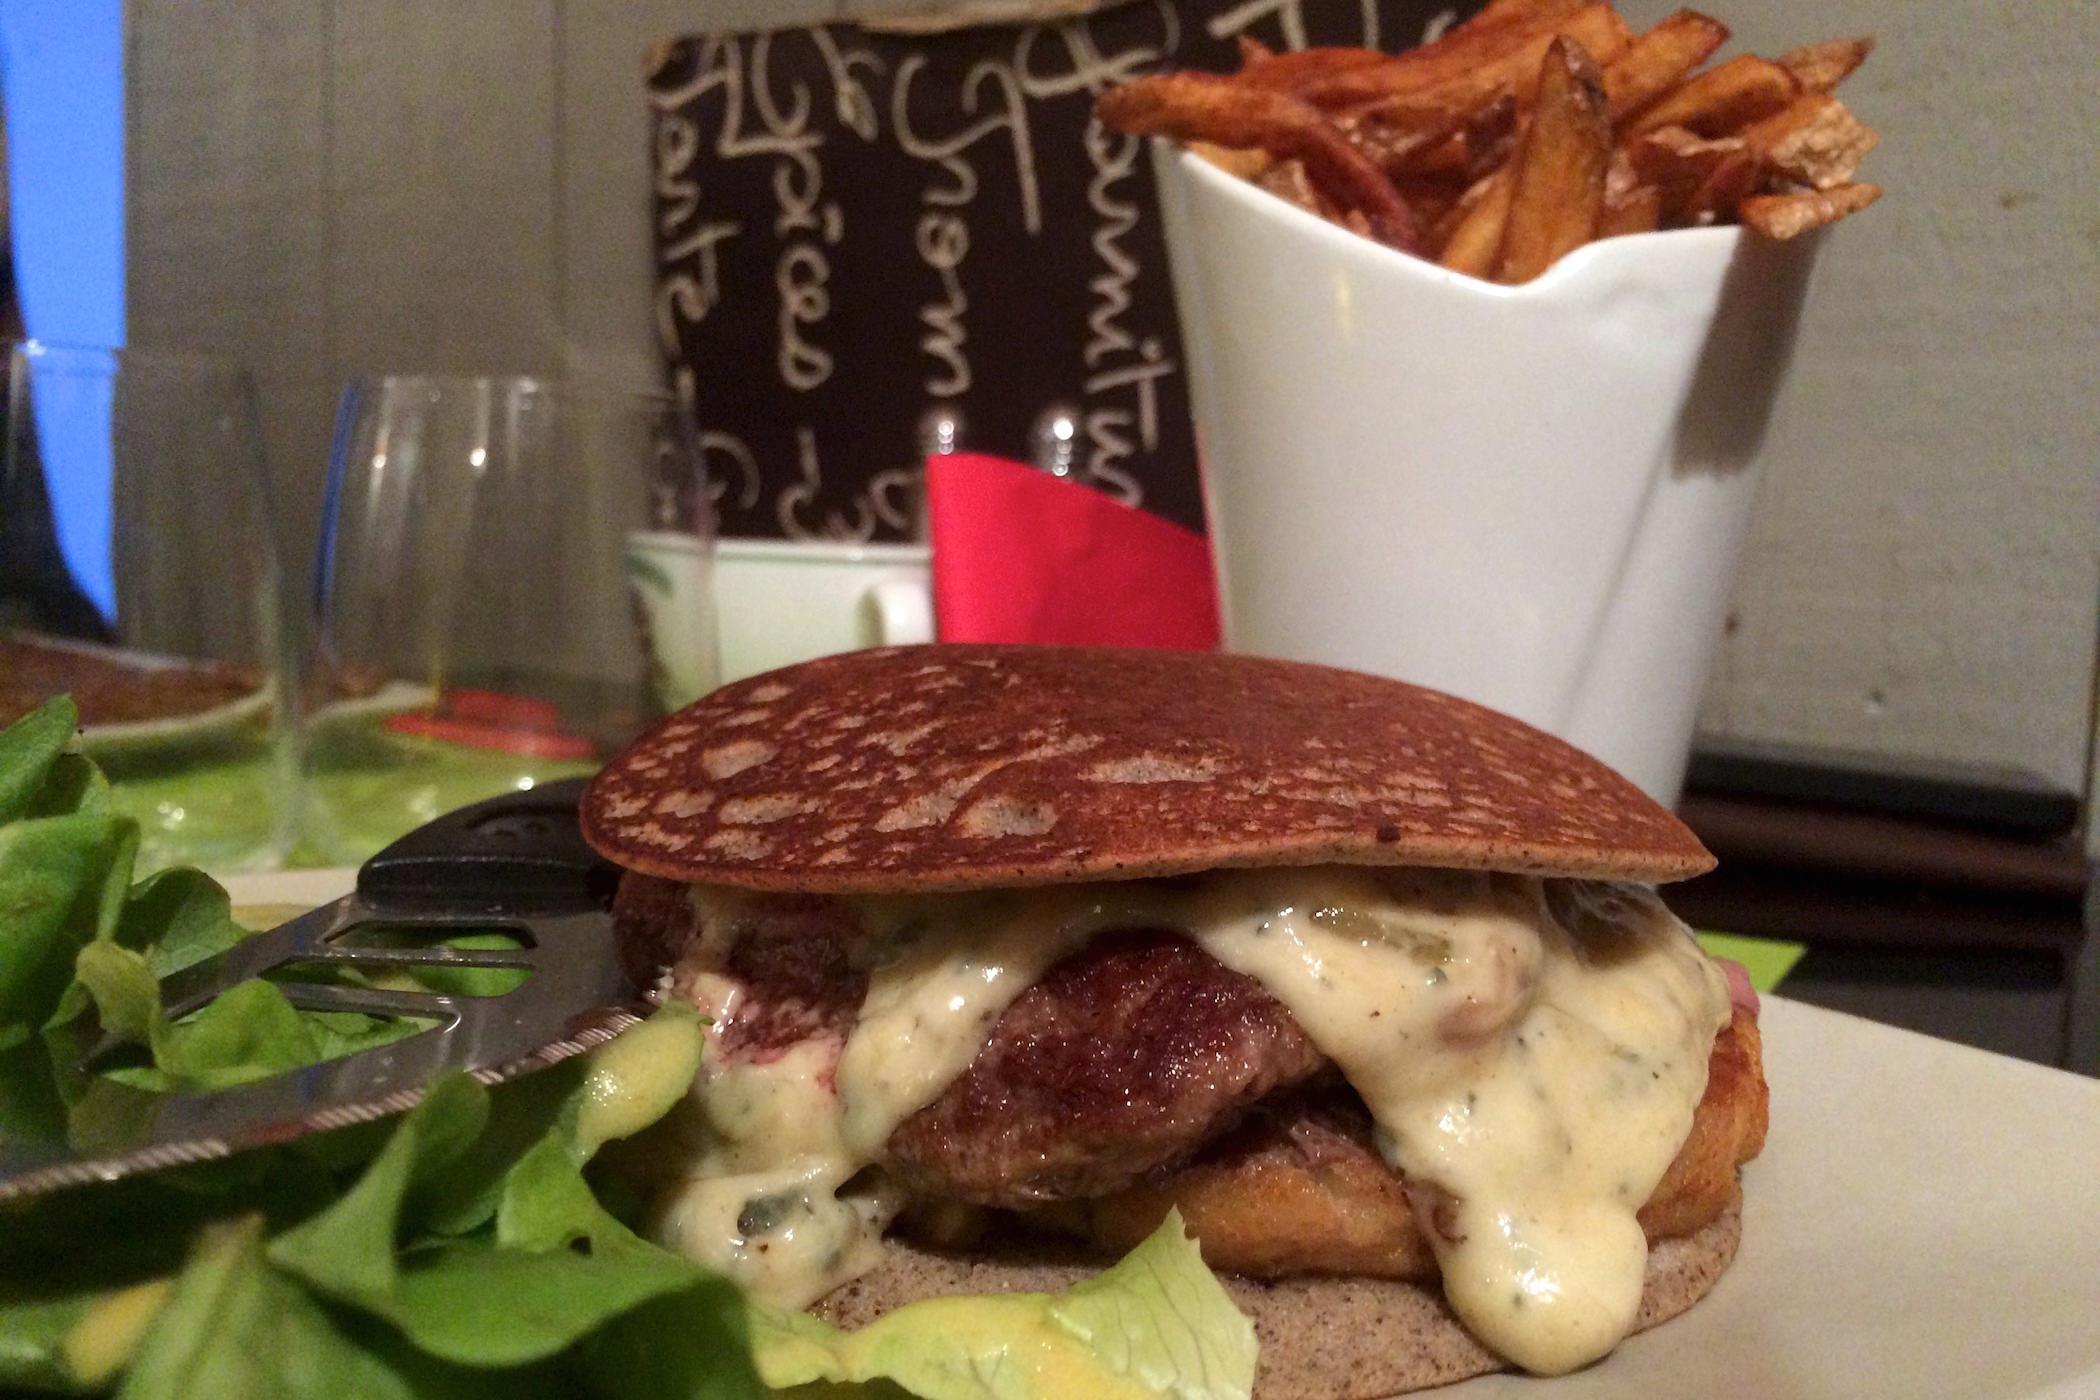 Ouzh taol burger